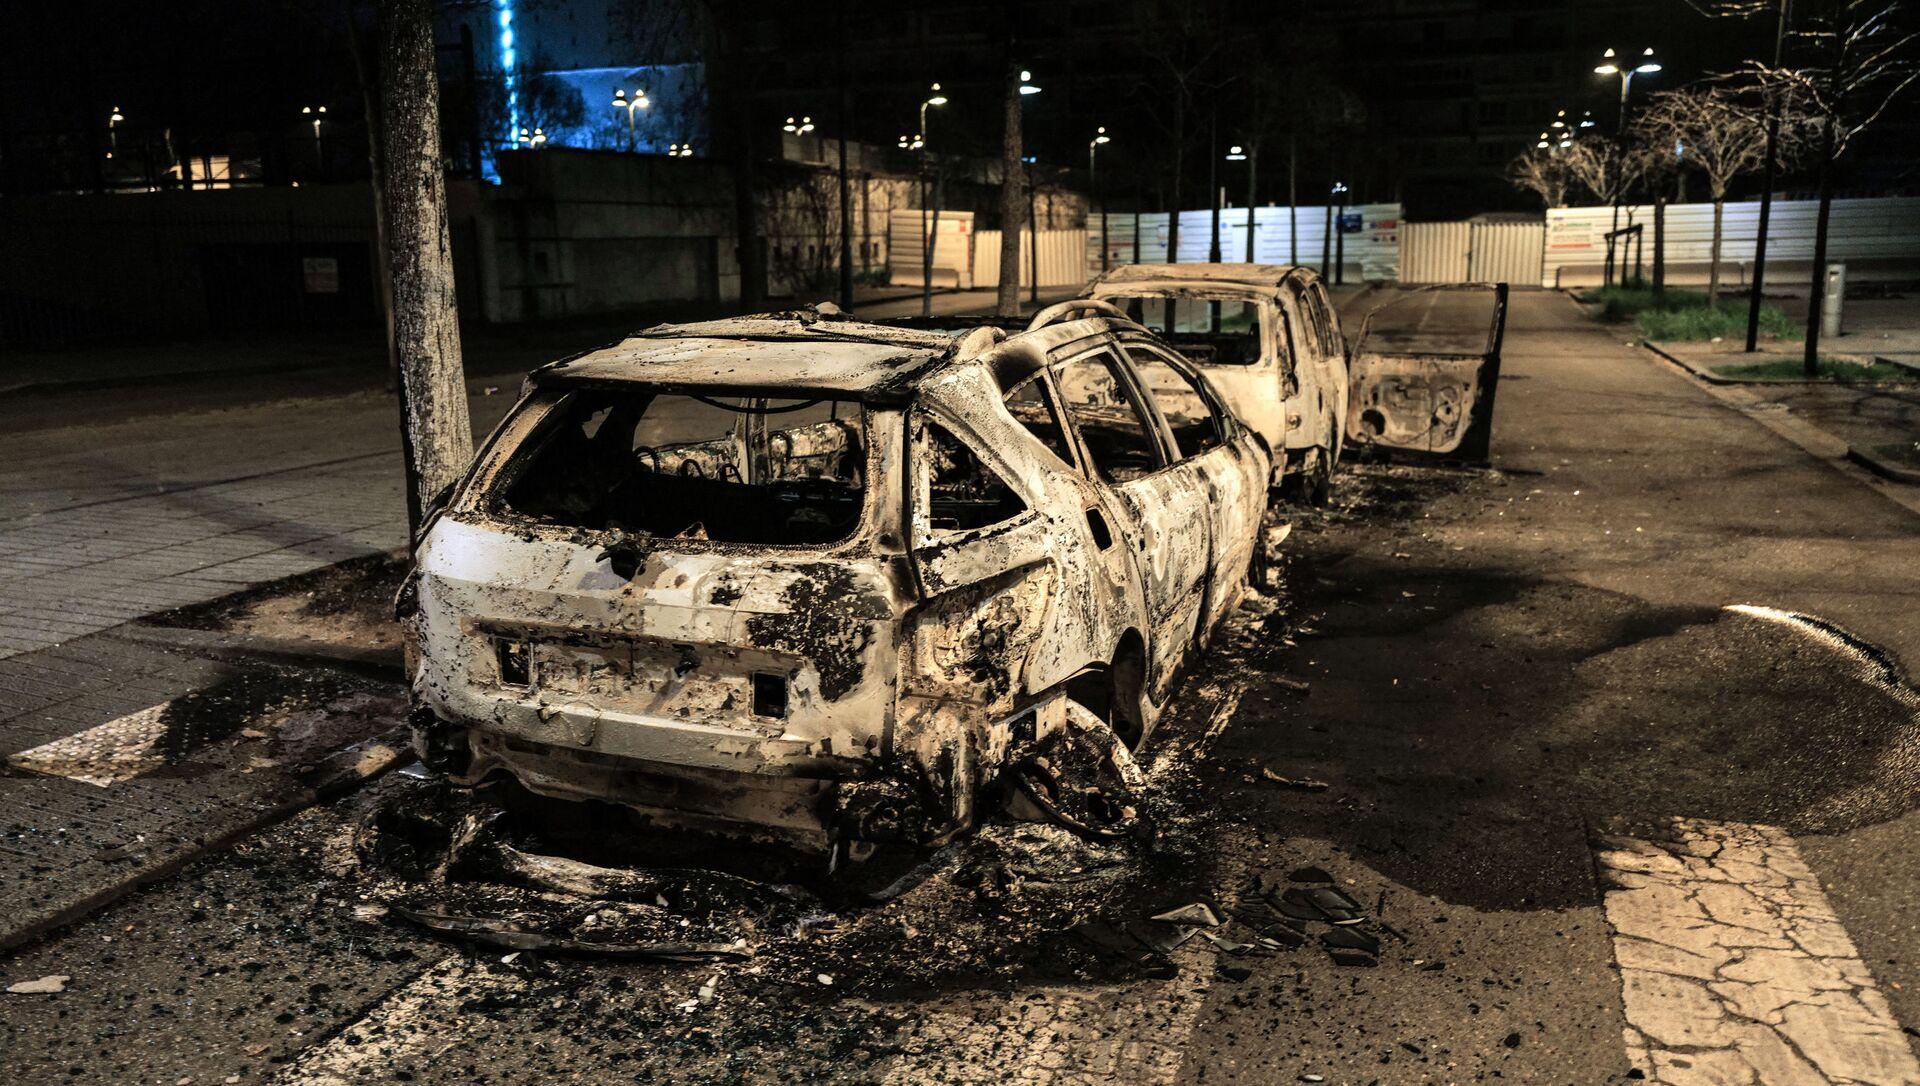 Une voiture brûlée à la suite d'une nuit d'émeutes à Bron dans la métropole lyonnaise, le 6 mars 2021 - Sputnik France, 1920, 08.03.2021